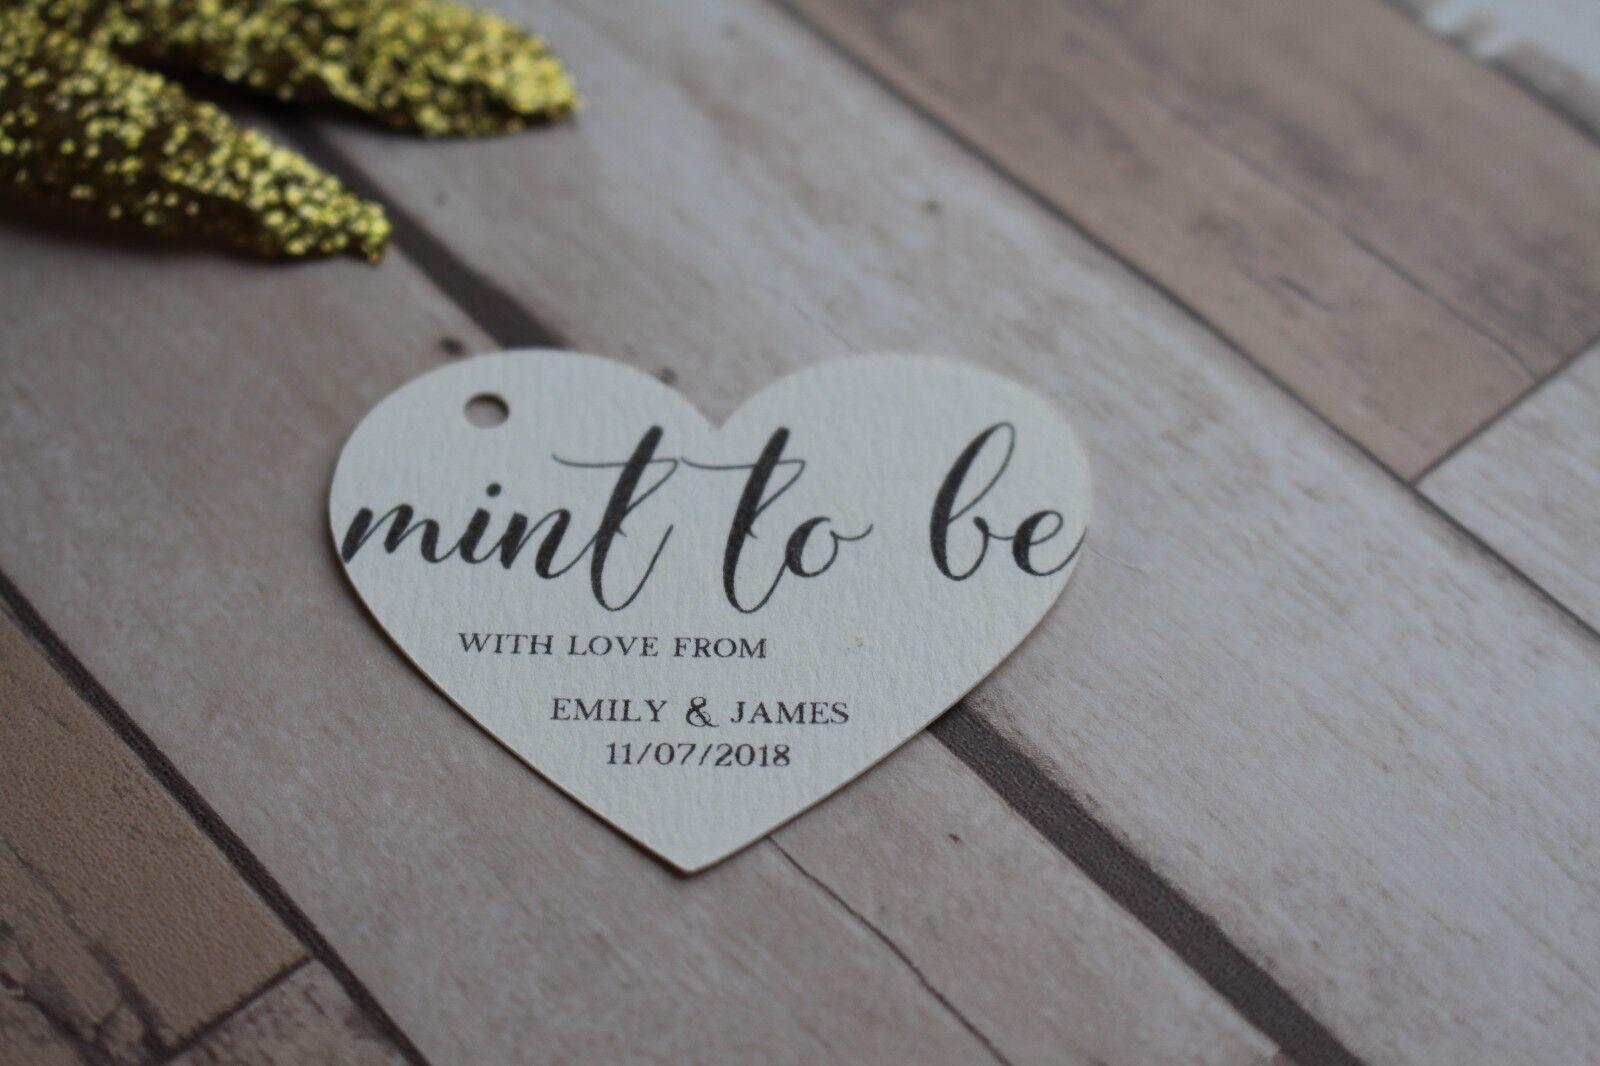 Personalizzata a Forma Etichette-Nuovo di Cuore Matrimonio Favore Etichette-Nuovo Forma di zecca ti essere TAG a7aafb